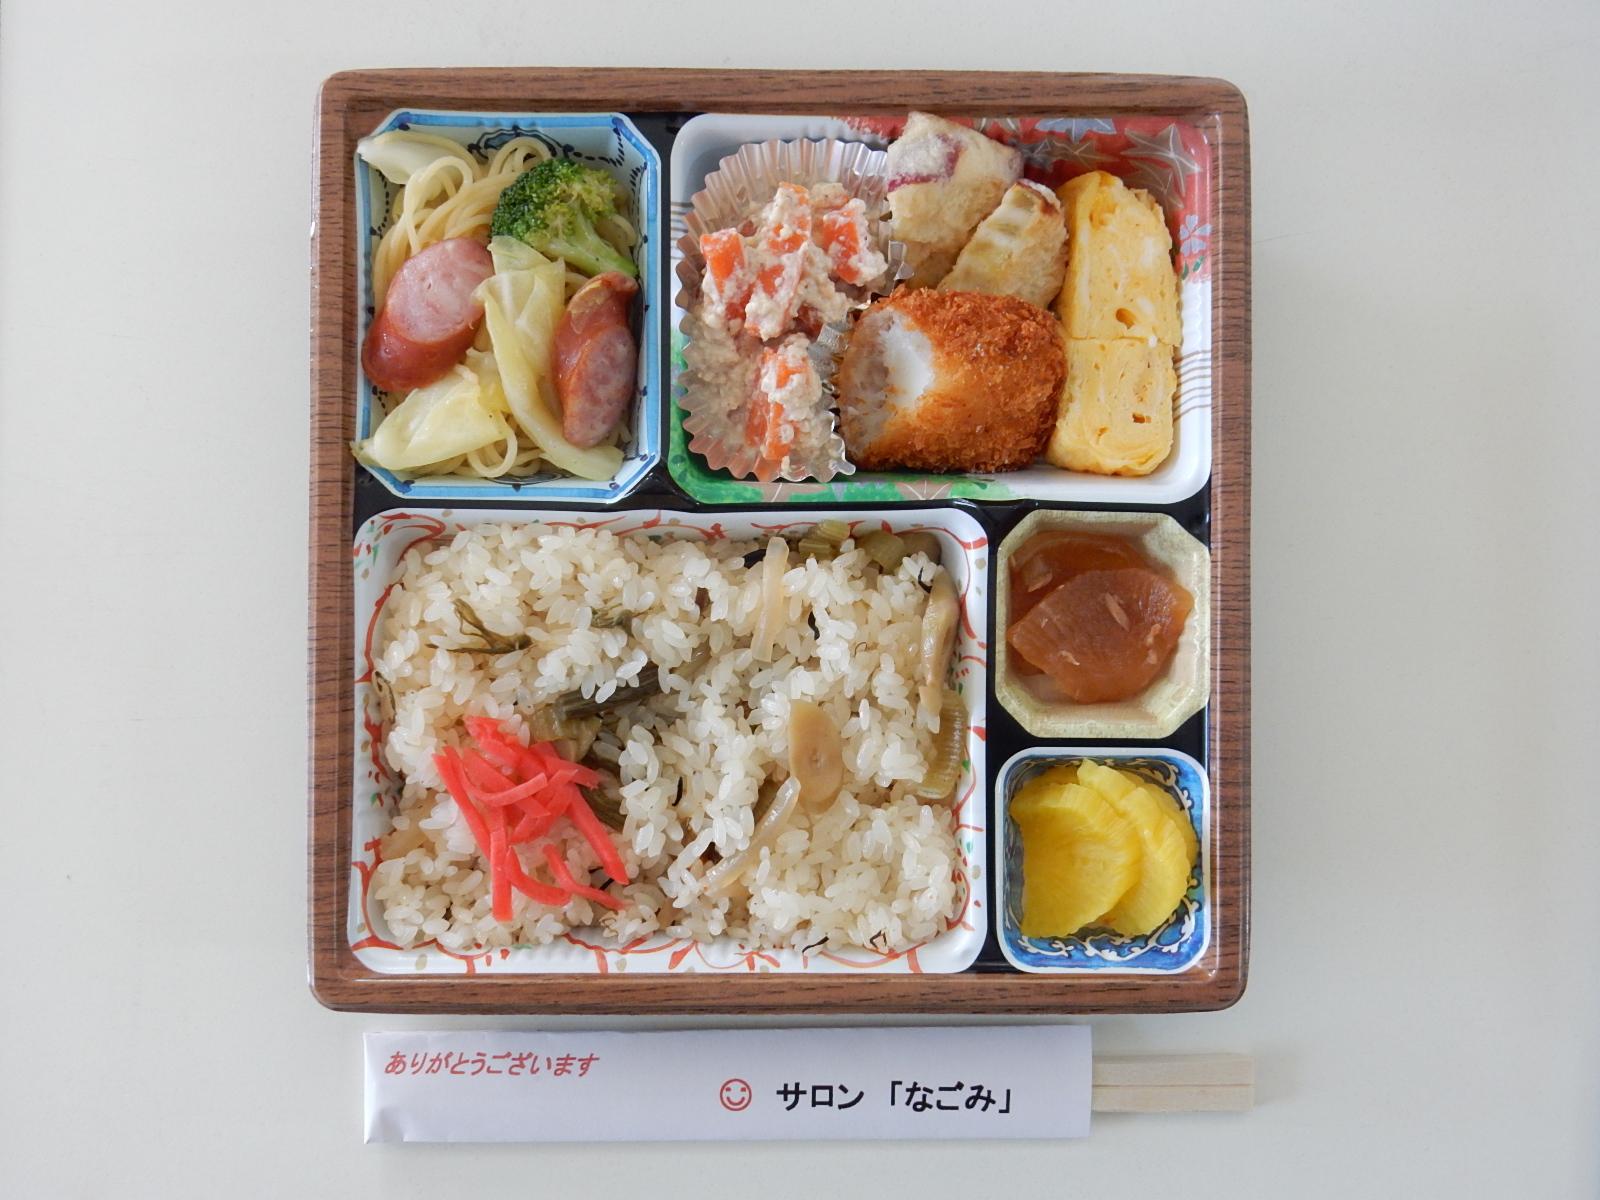 「サロンなごみ」本日の日替わり特別メニュー!(4/21)